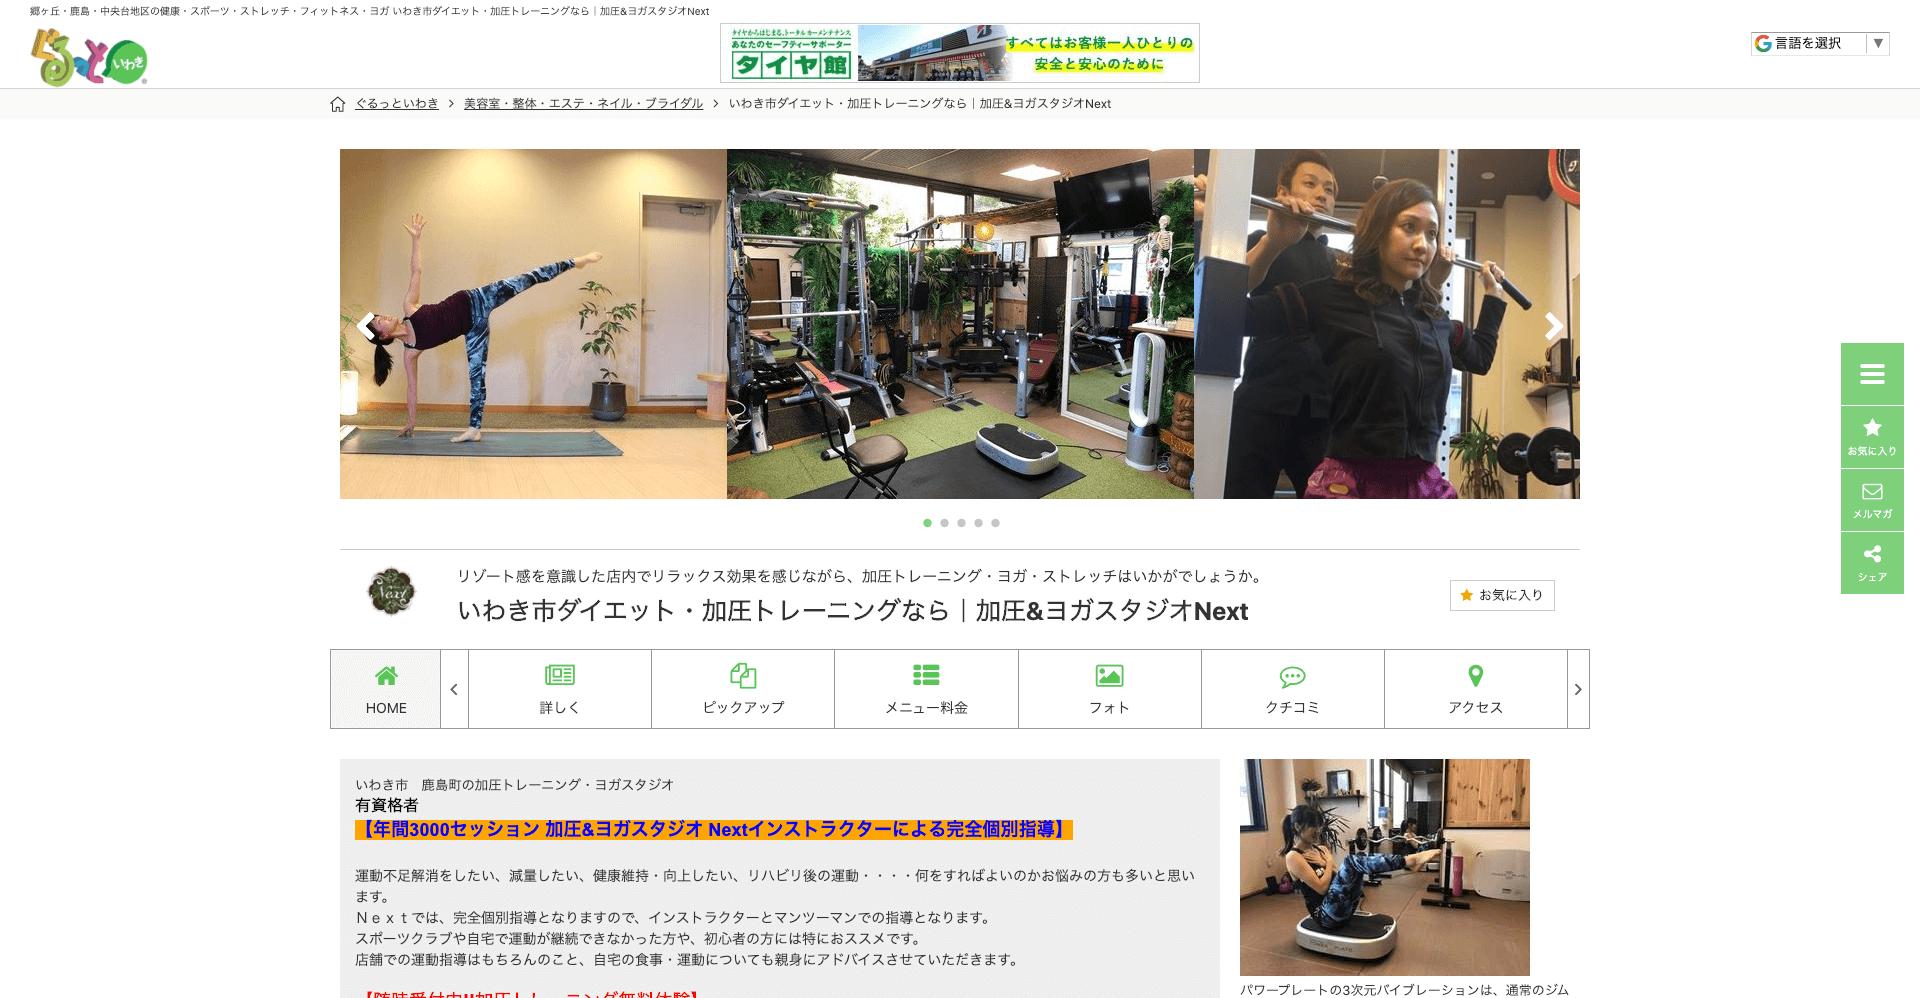 加圧&ヨガスタジオ NEXT